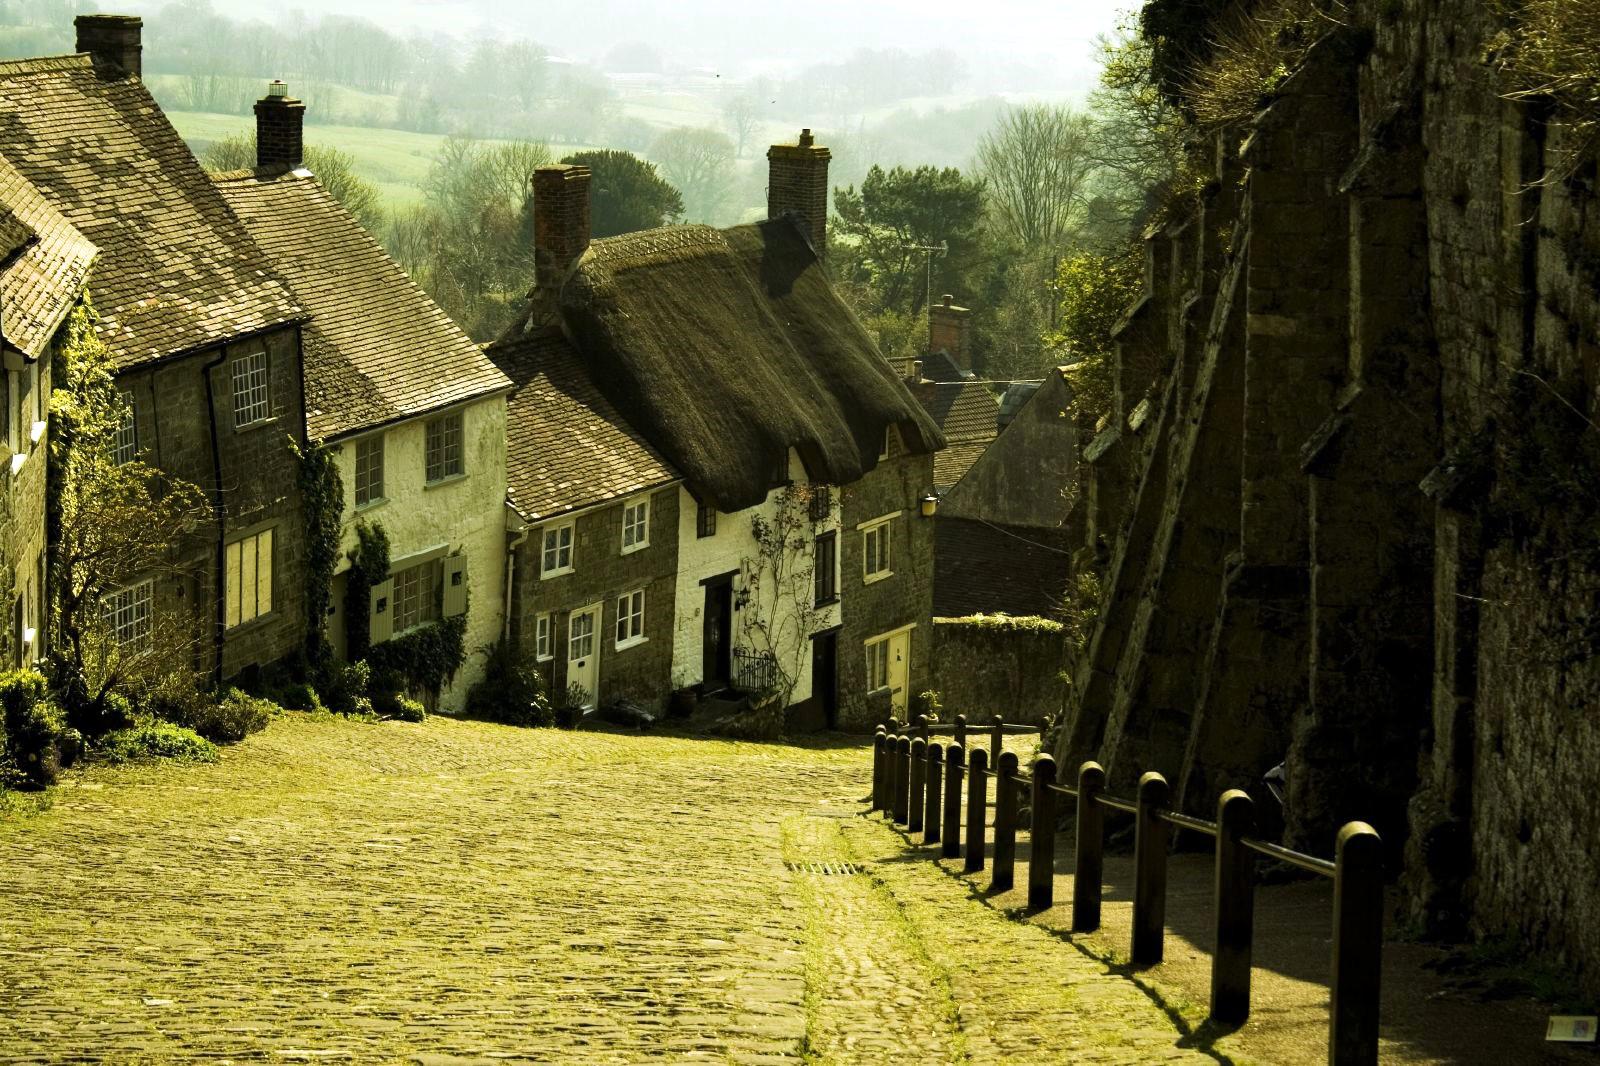 Gold Hill, Shatesbury, Dorset. Credit Louis du Mont